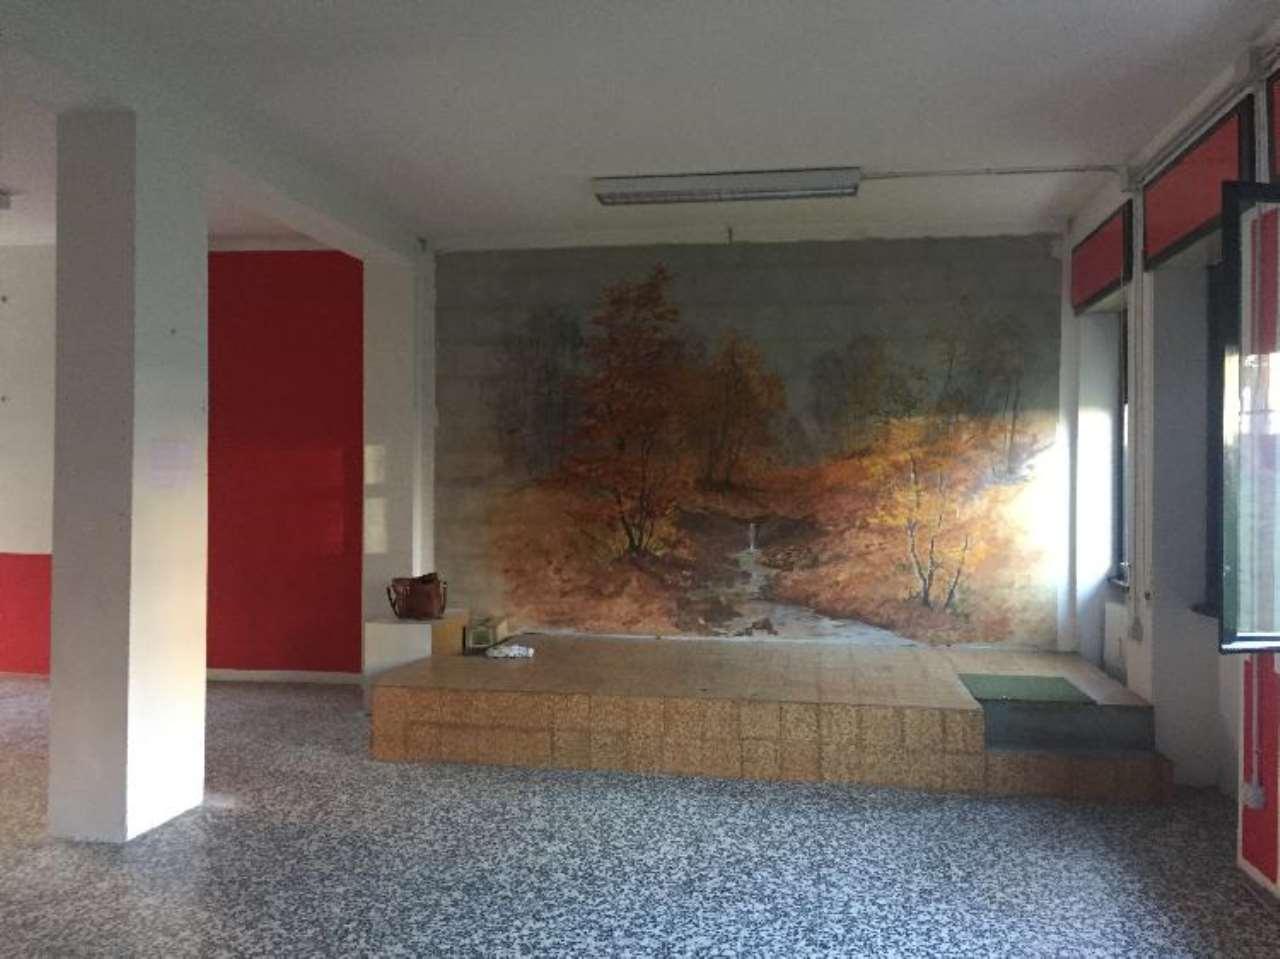 Ufficio / Studio in vendita a Cremona, 3 locali, prezzo € 49.000 | CambioCasa.it